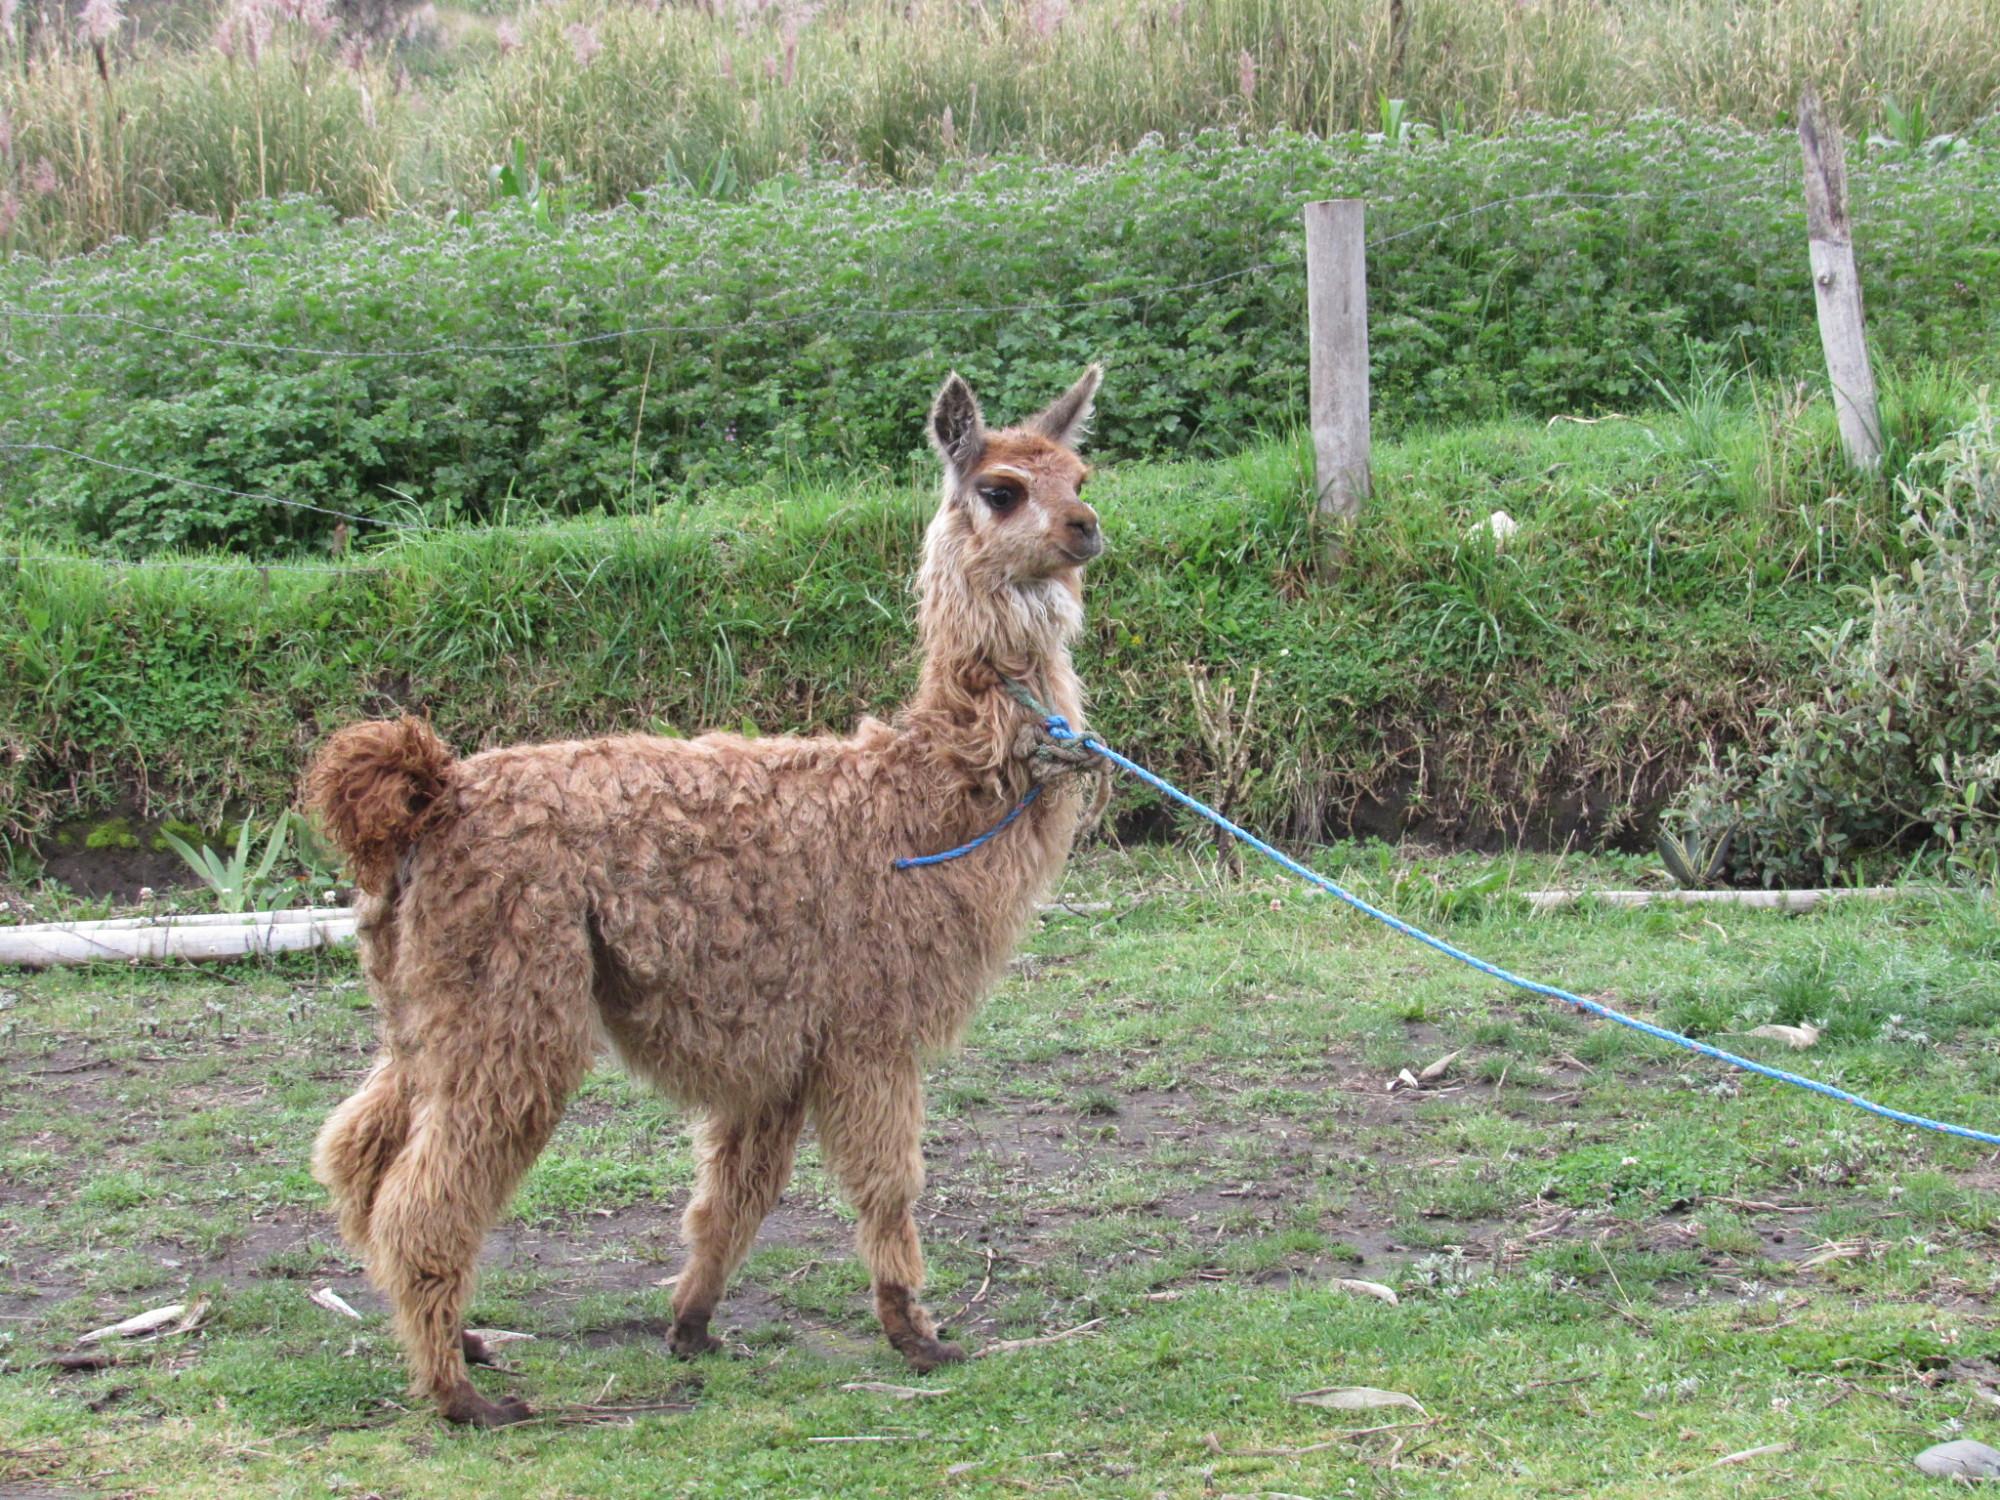 Un lama prenant la pose dans un champ.